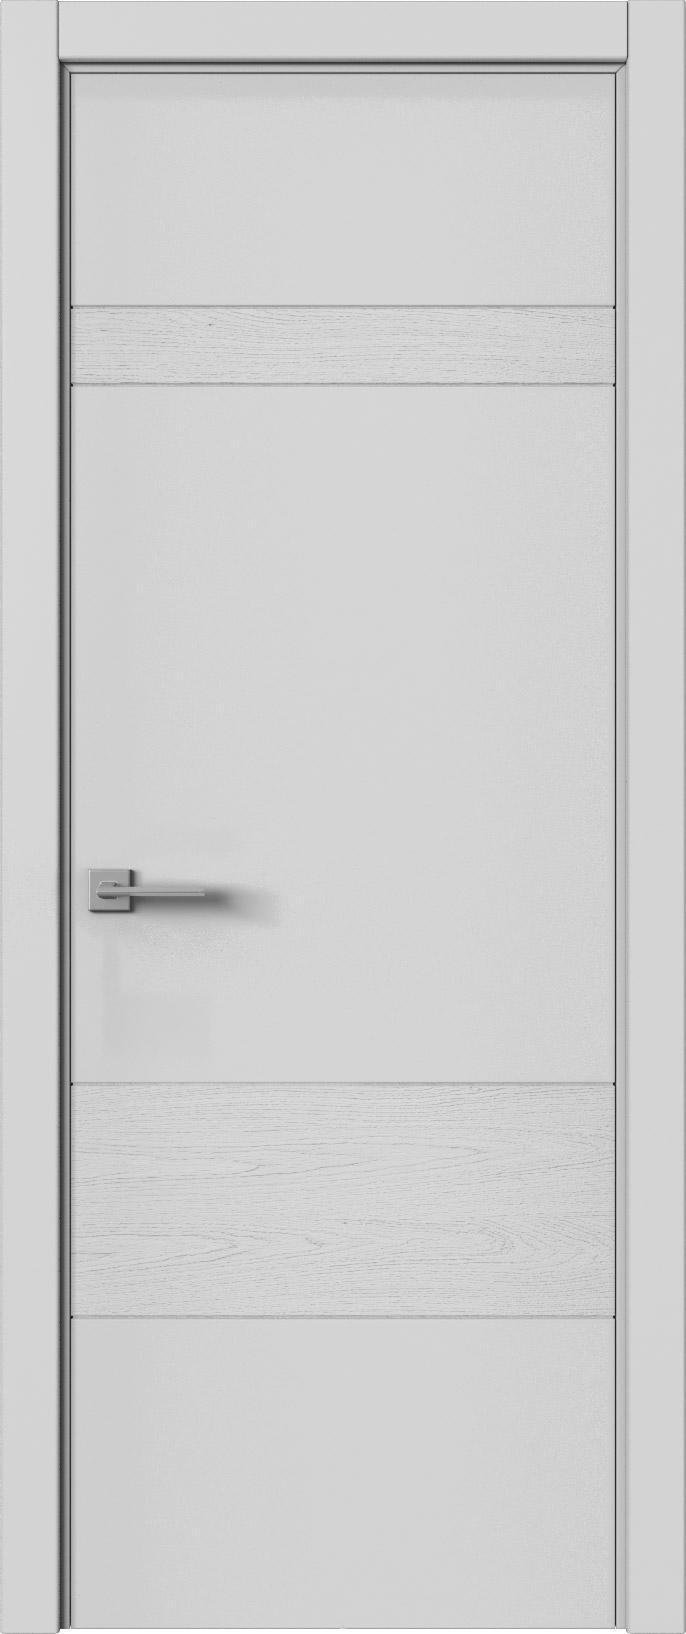 Tivoli К-2 цвет - Серая эмаль-эмаль по шпону (RAL 7047) Без стекла (ДГ)